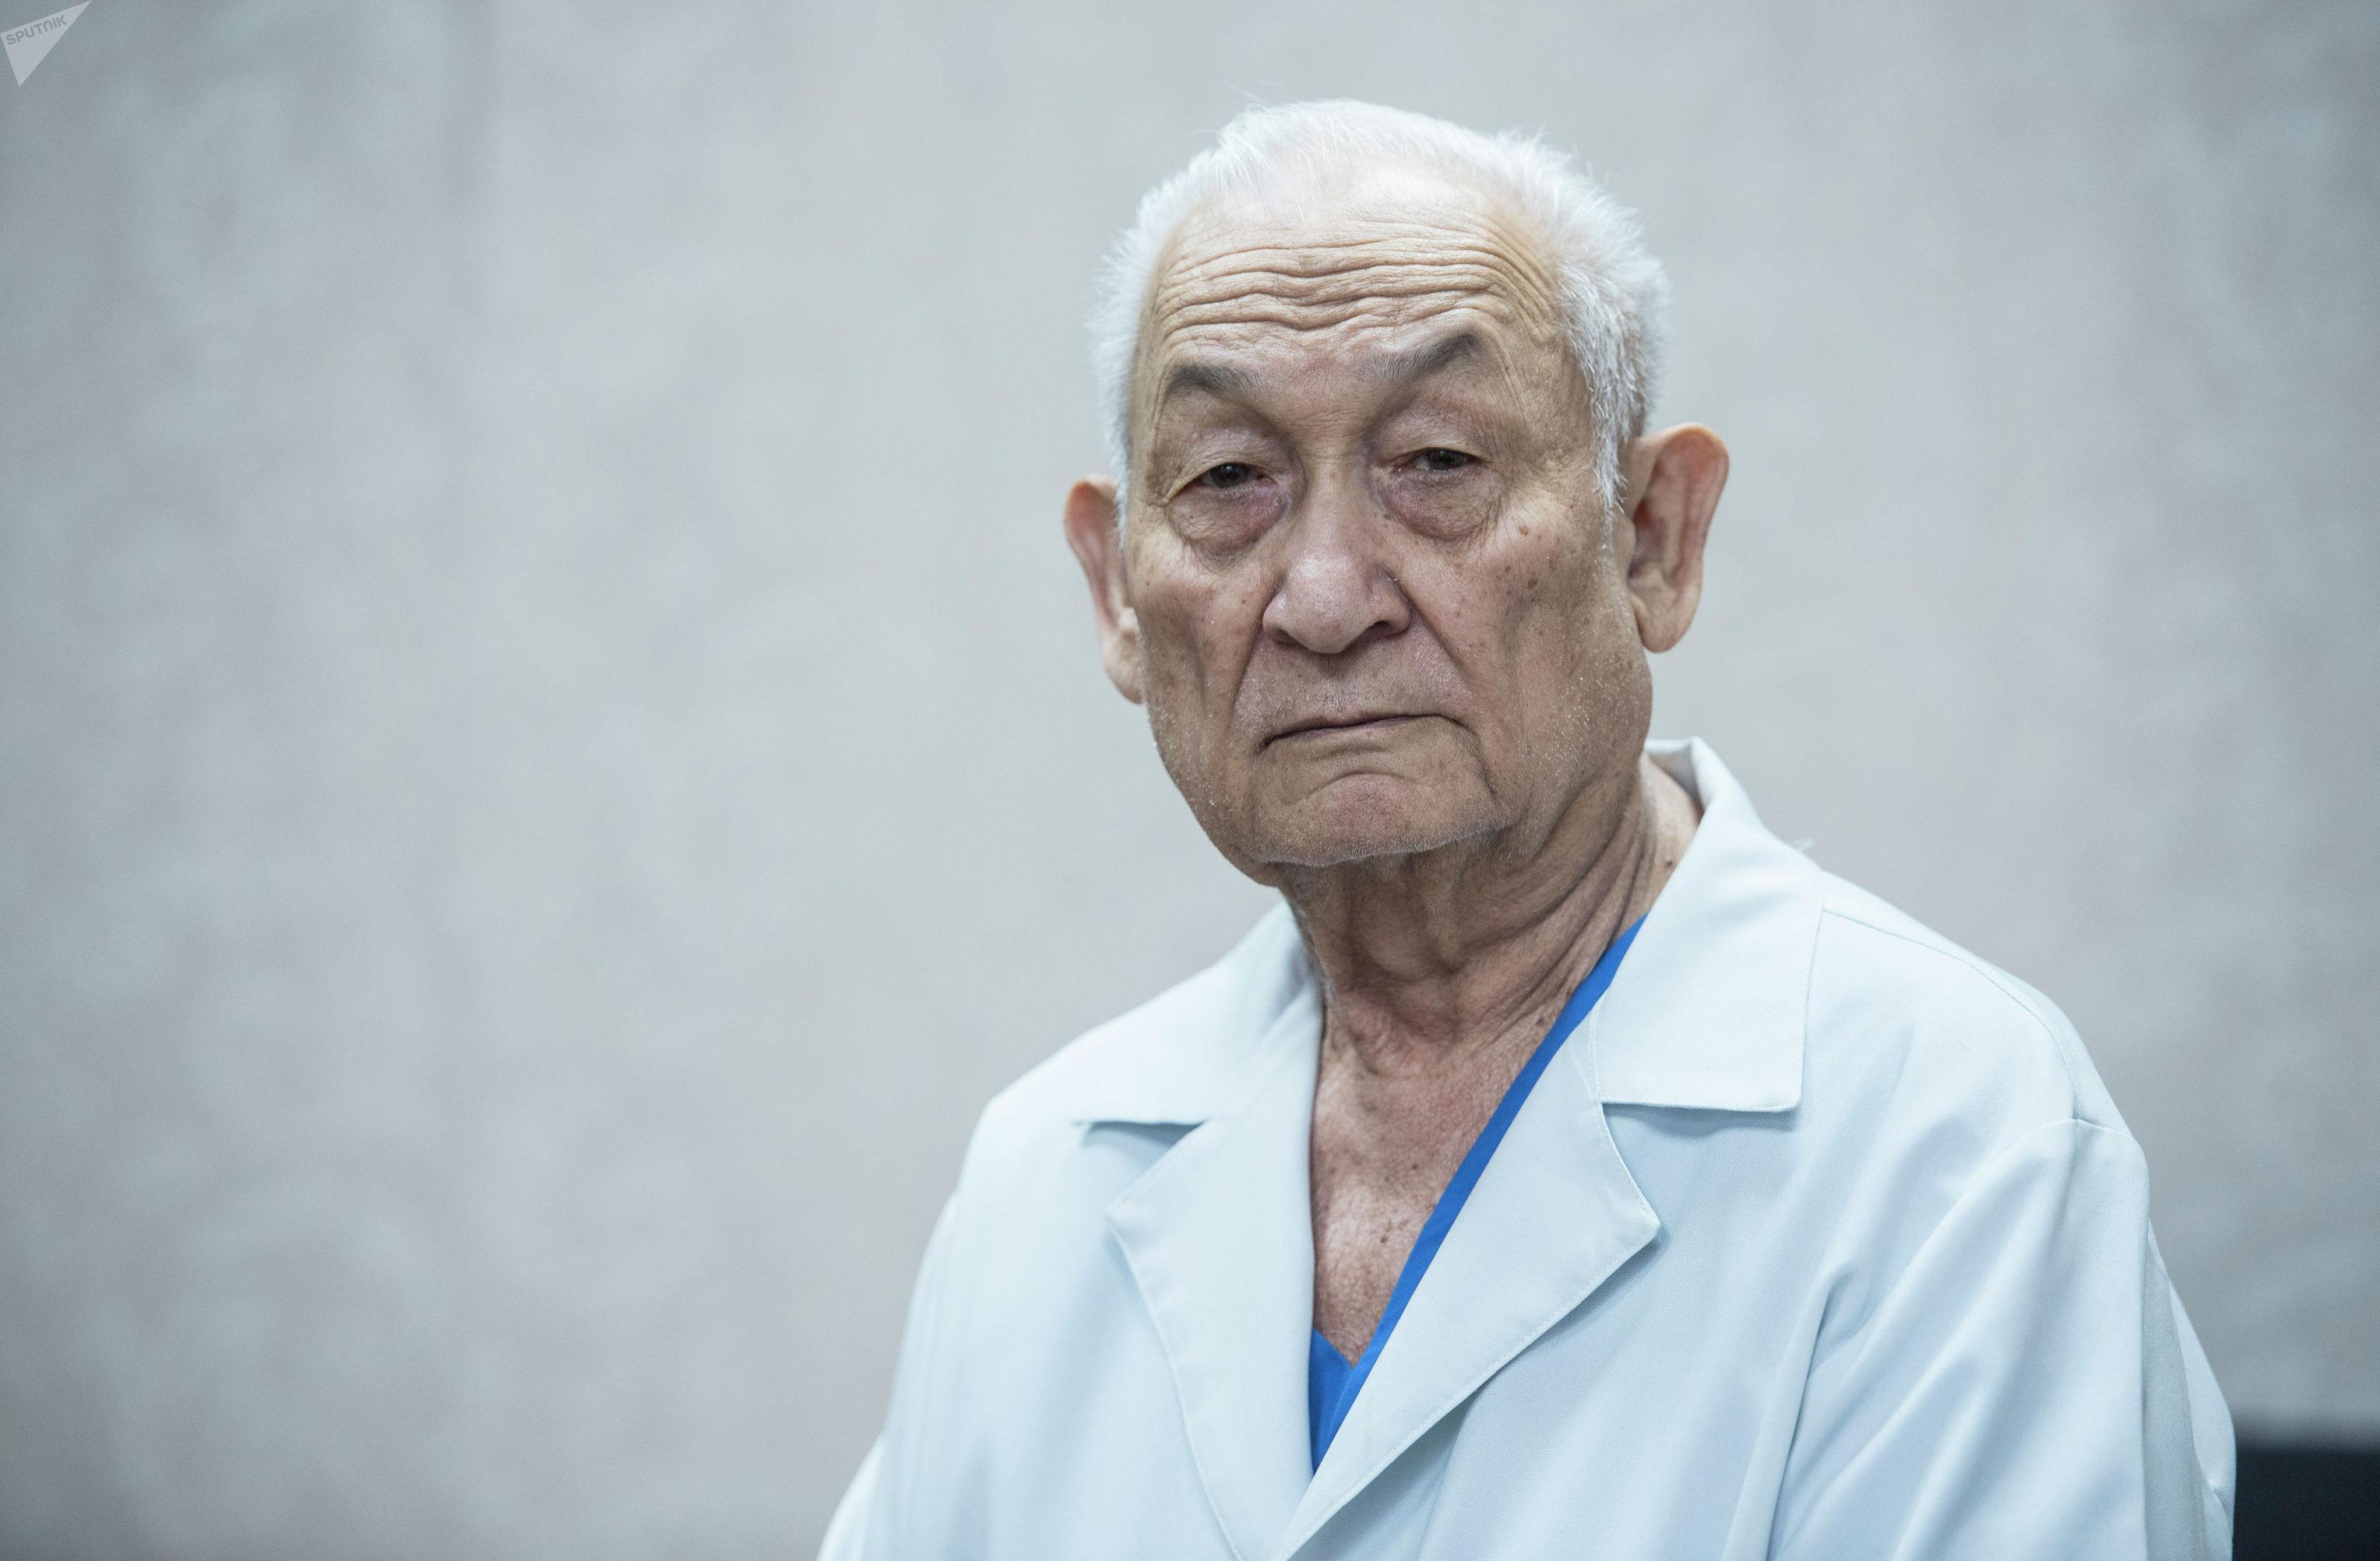 Доктор медицинских наук, профессор Эрнст Акрамов в рабочем кабинете